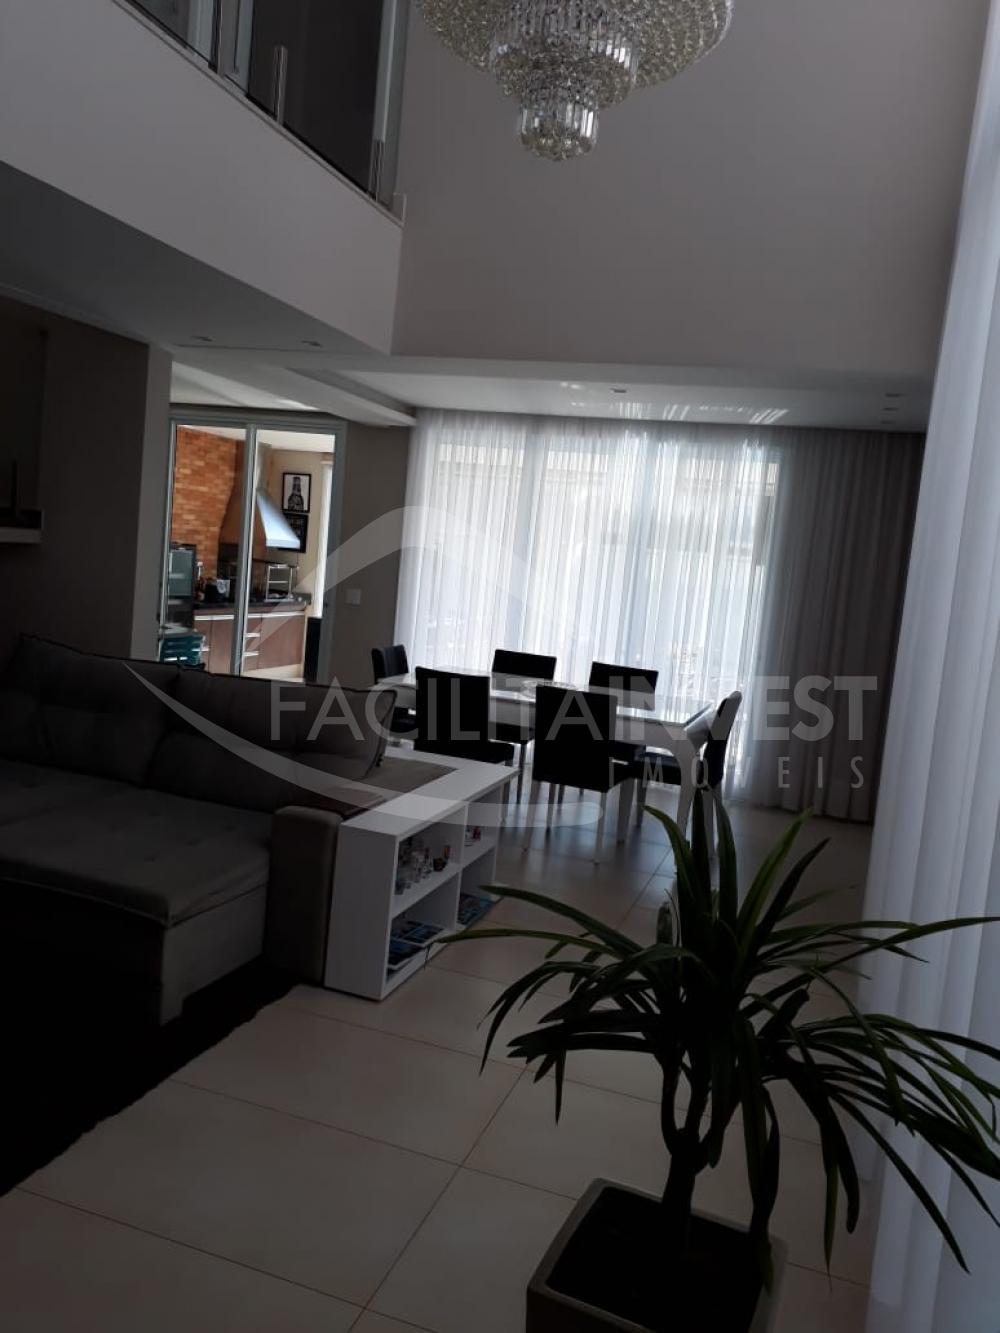 Comprar Casa Condomínio / Casa Condomínio em Ribeirão Preto apenas R$ 1.080.000,00 - Foto 27